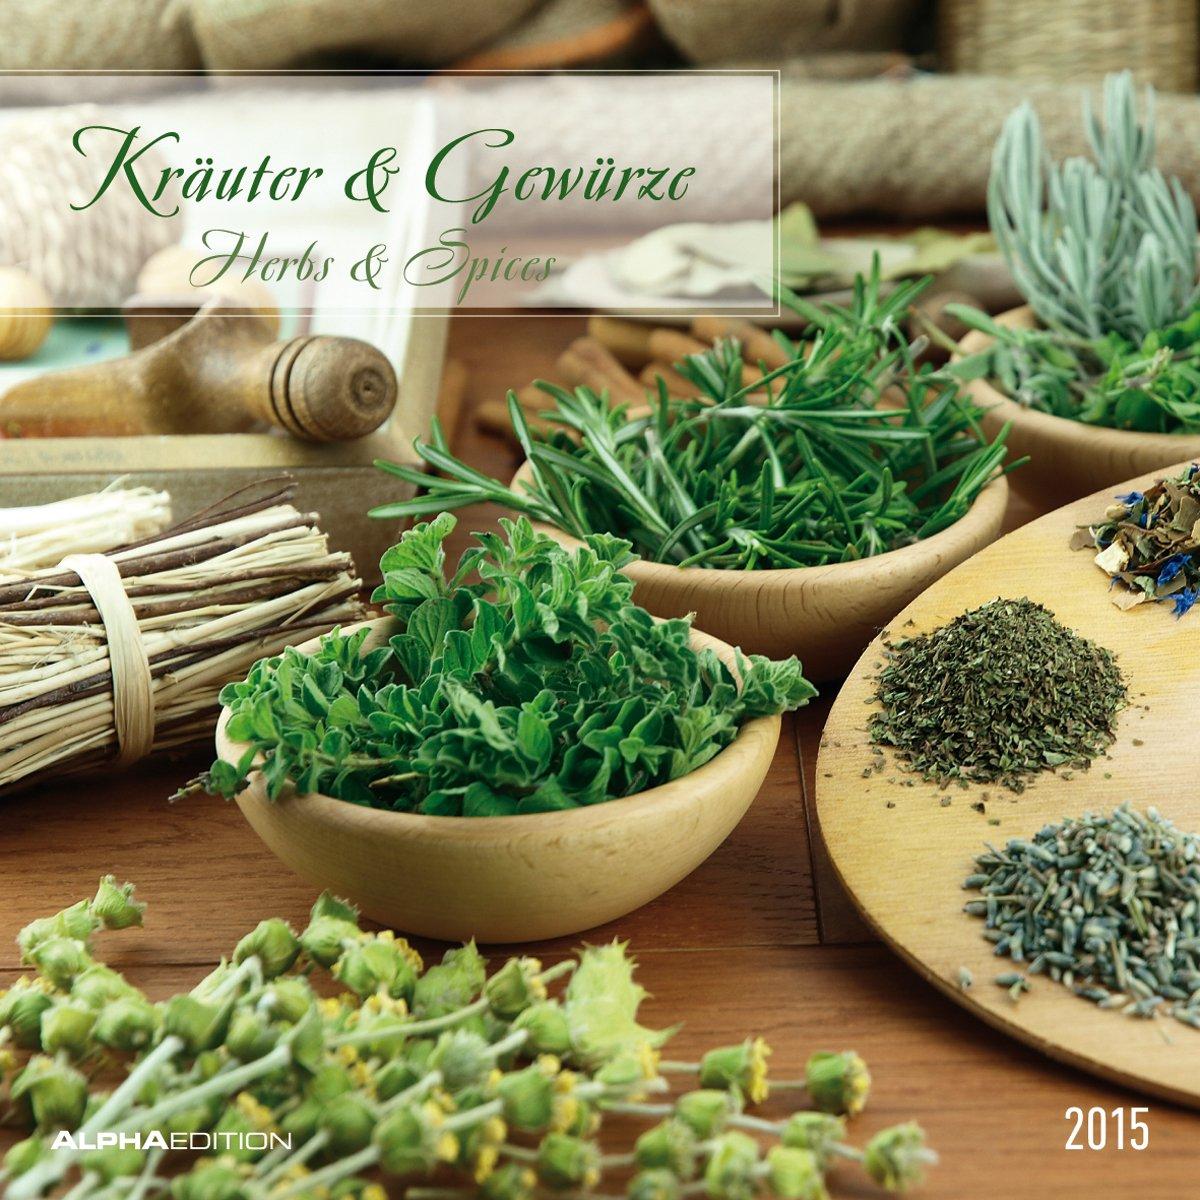 Kräuter & Gewürze 2015 - Herbs & Spices - Broschürenkalender (30 x 60 geöffnet) - Küchenplaner